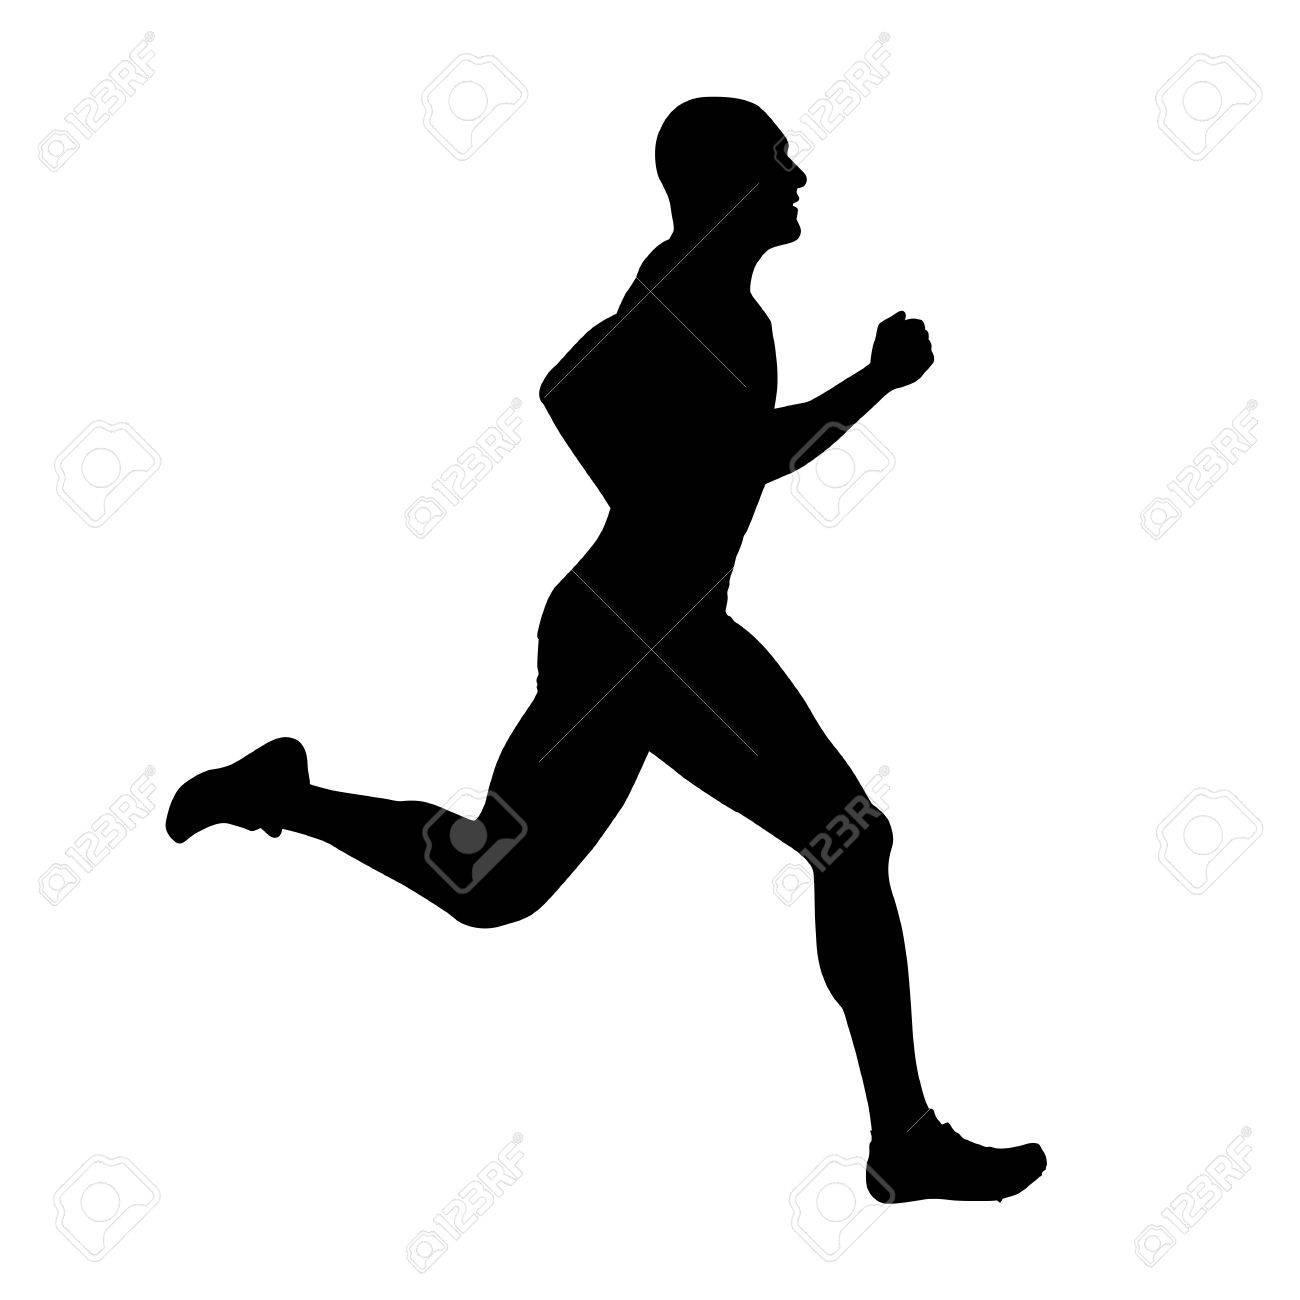 runner vector silhouette side view sprinting athlete royalty free rh 123rf com runner vector art runner vector silhouette